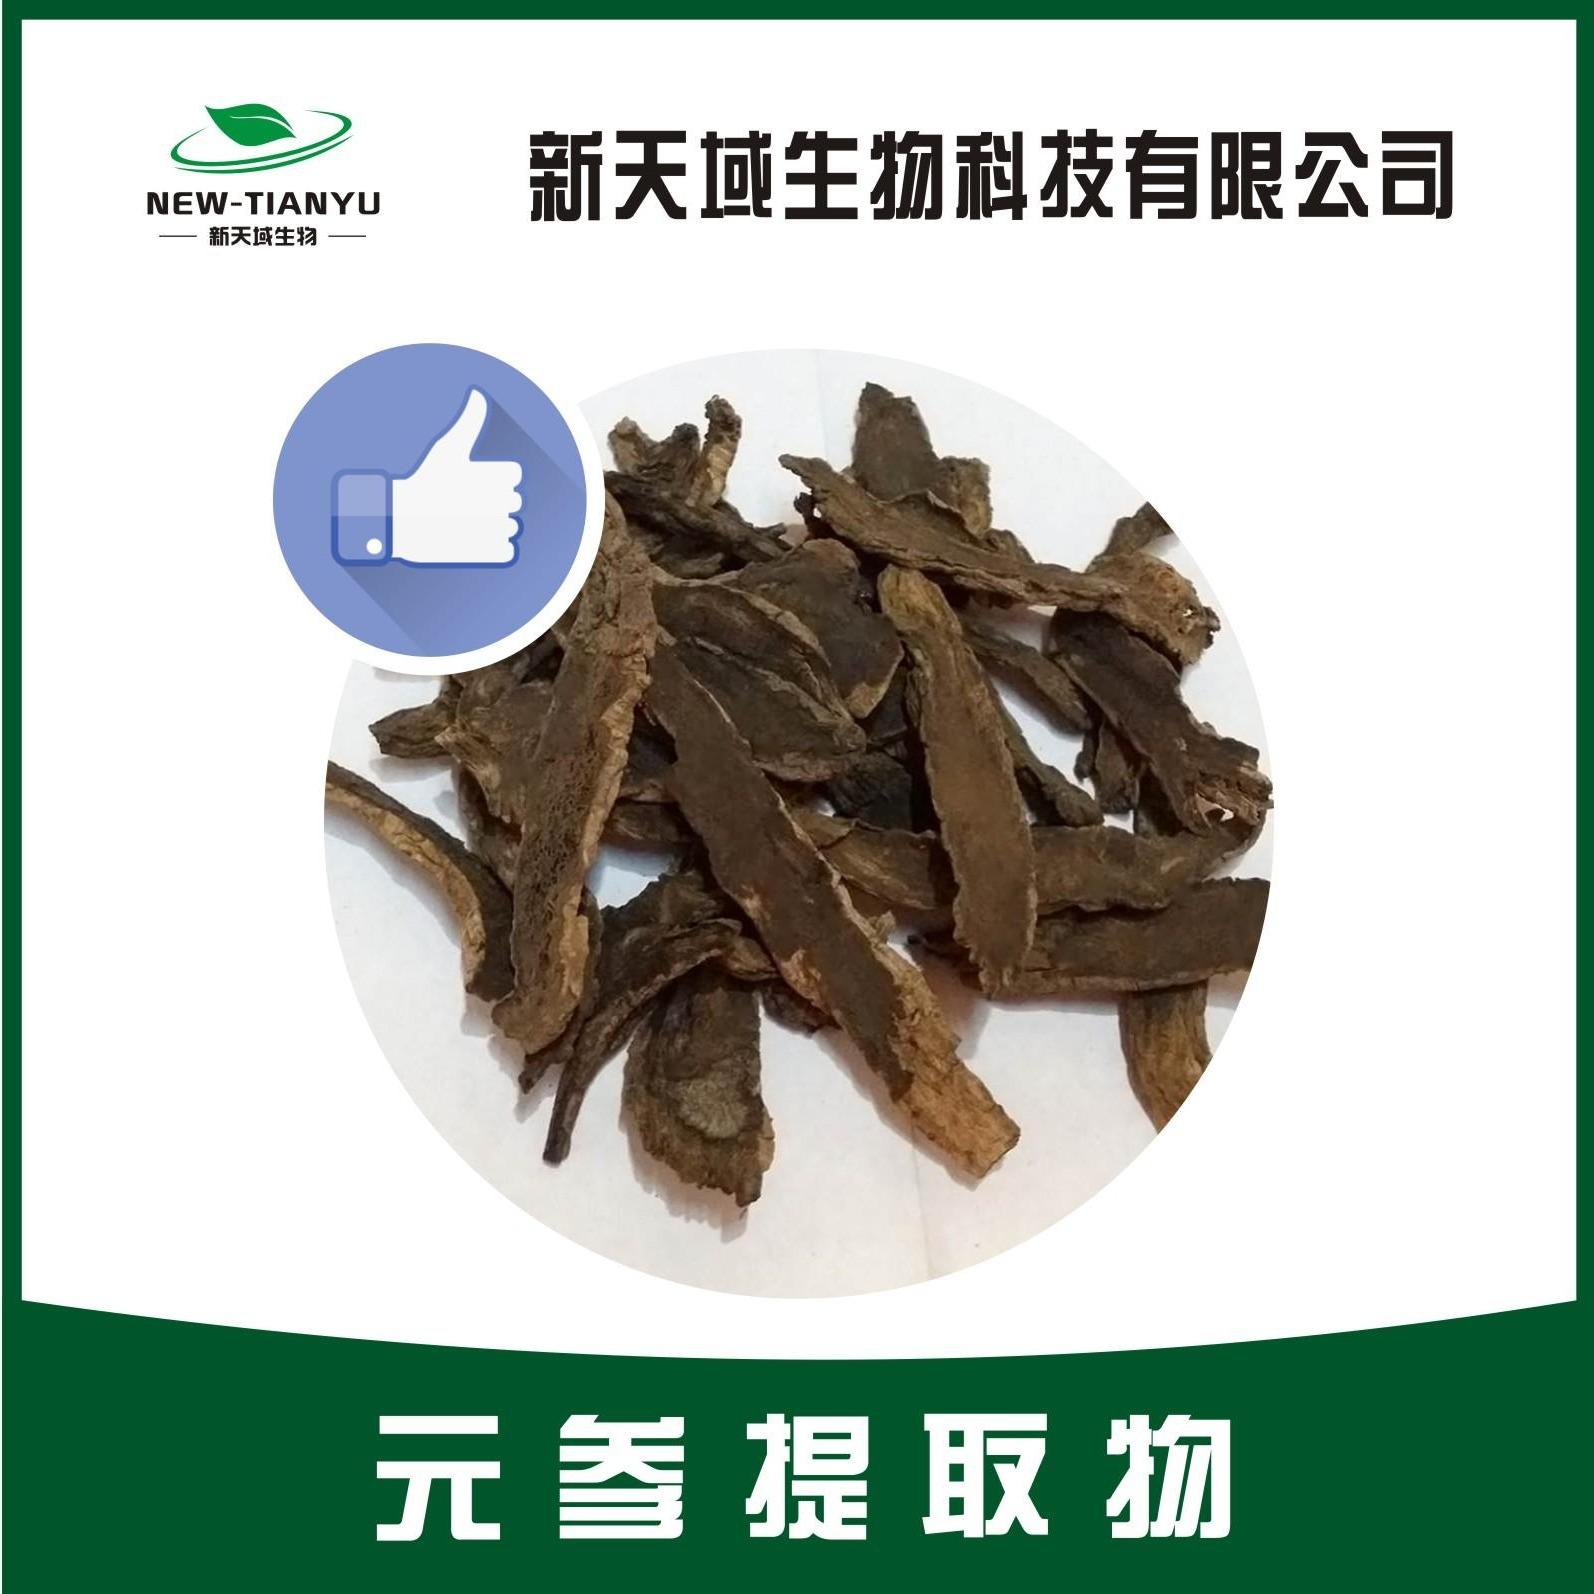 陕西新天域生物 现货供应 元参提取物 元参浓缩喷雾干燥粉